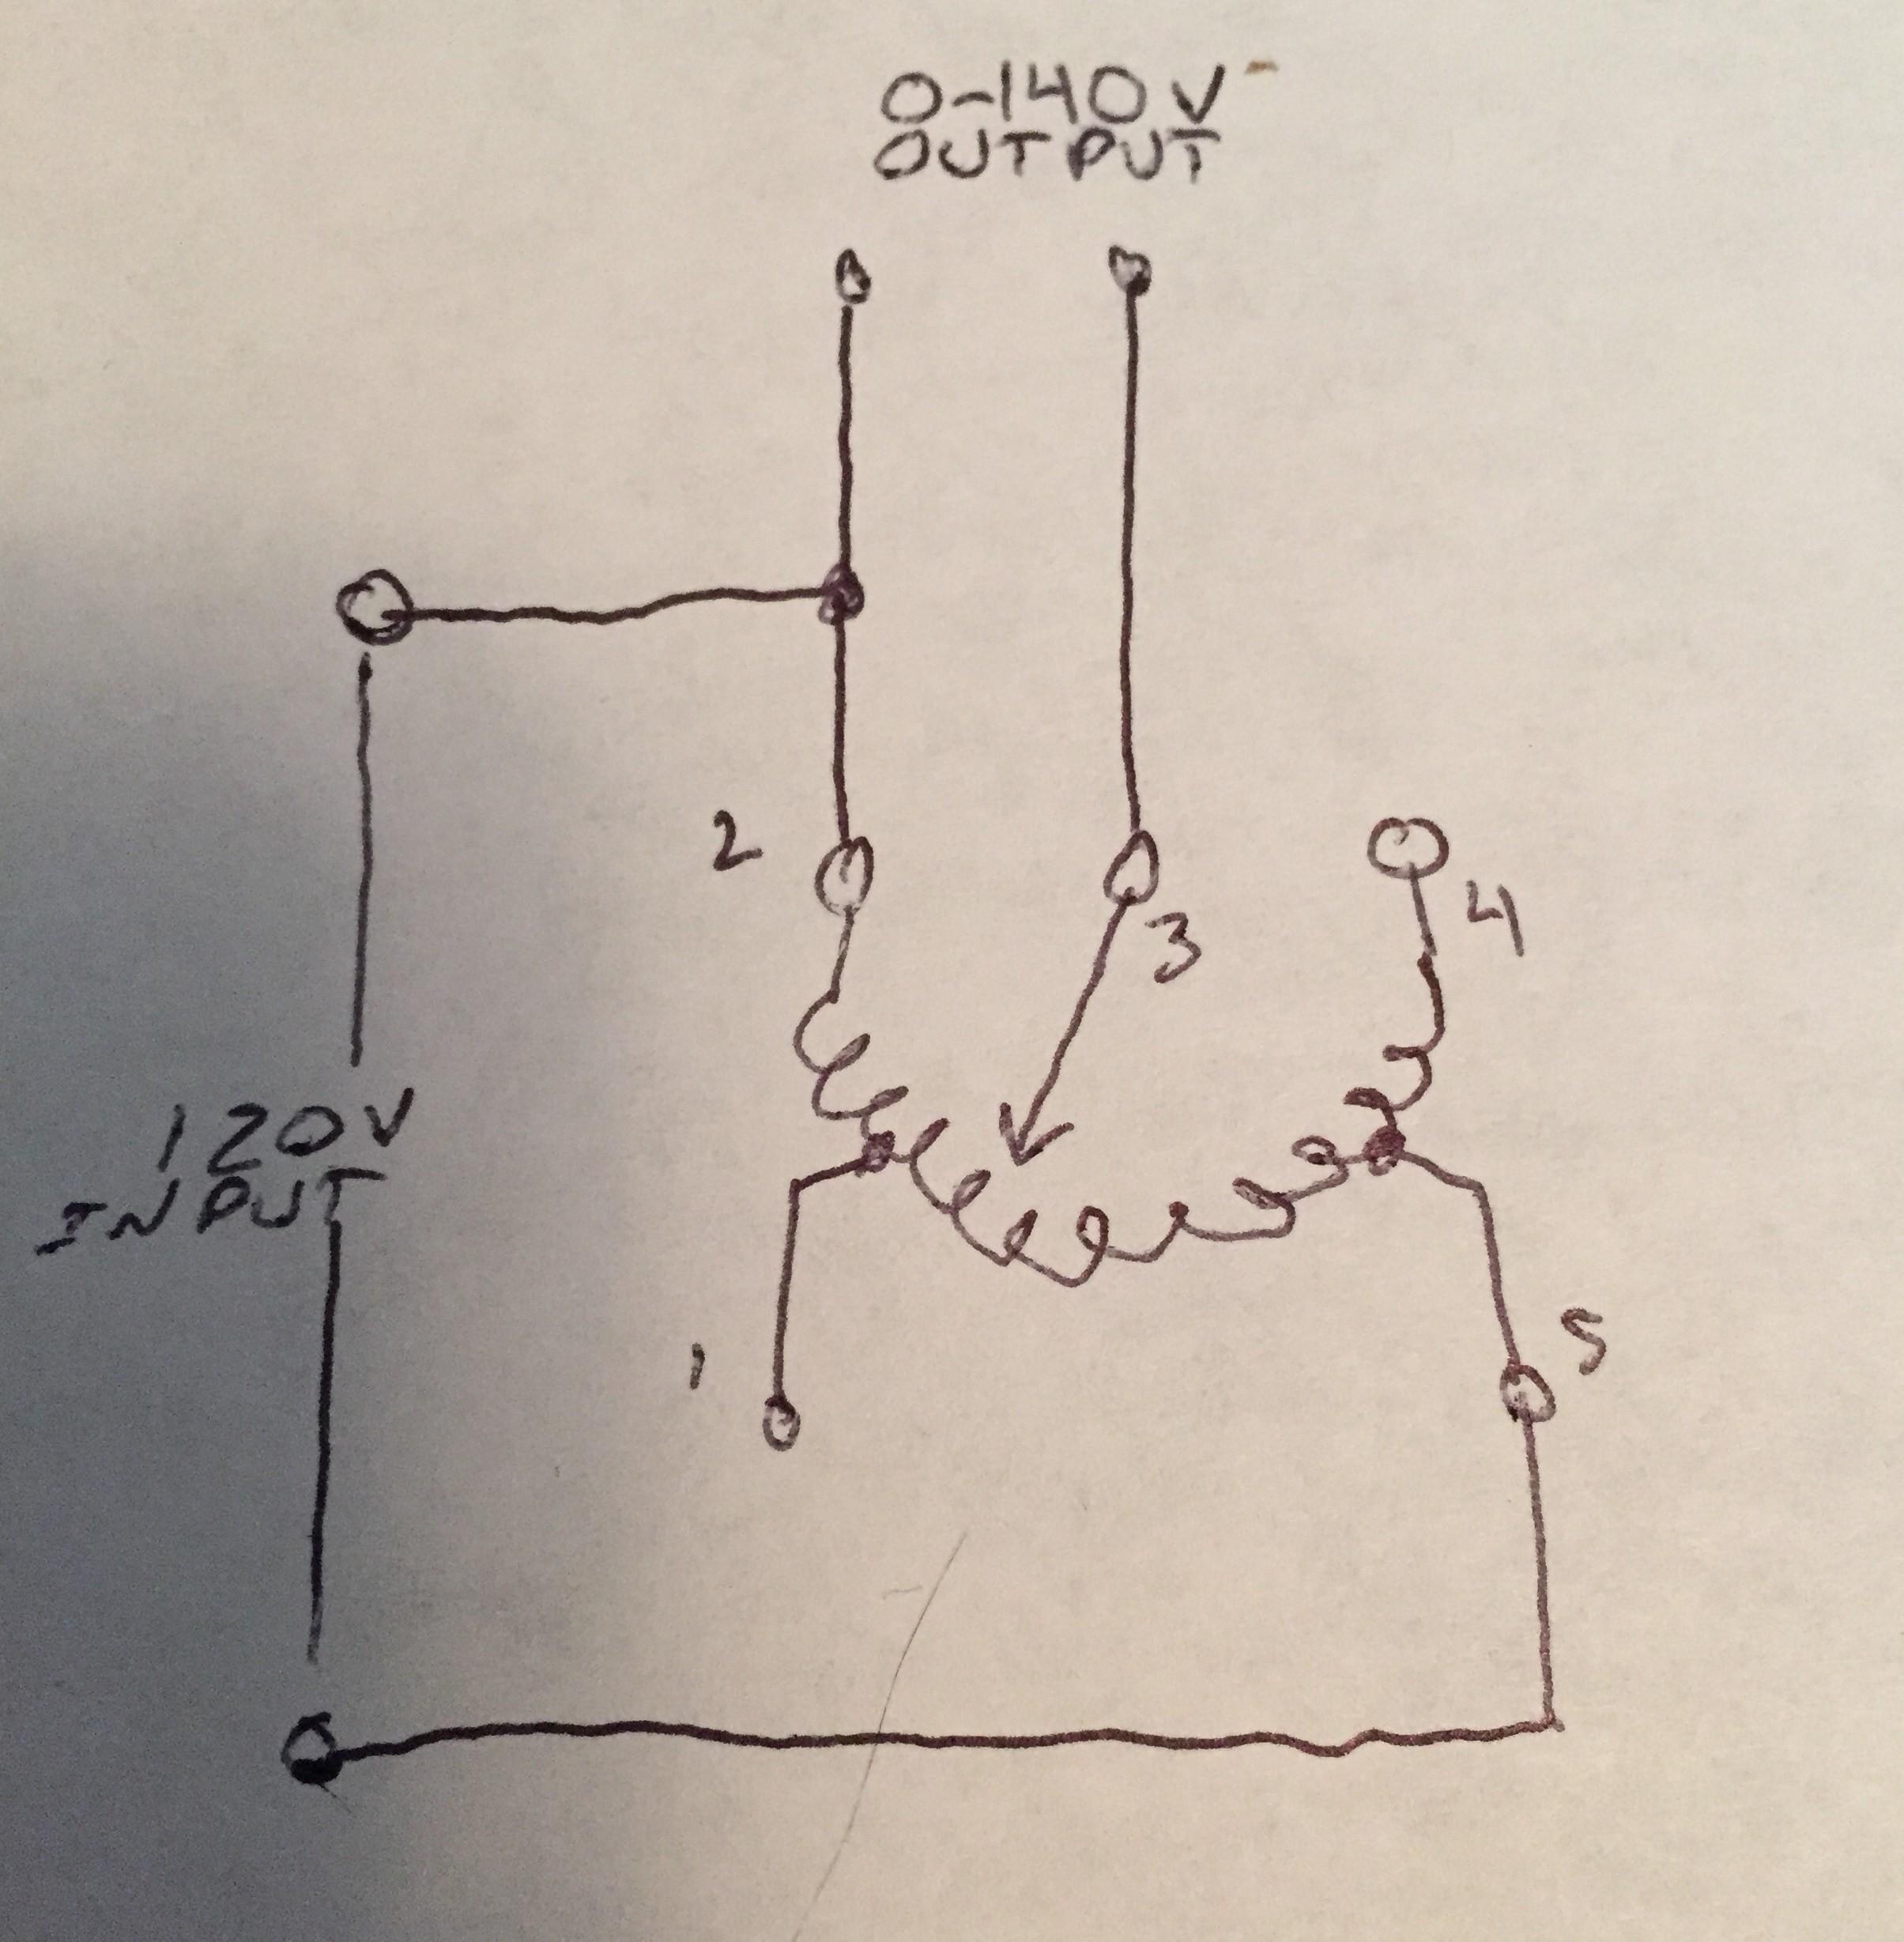 variac wiring wiring library Transformer Wiring variac wiring gibson example electrical circuit